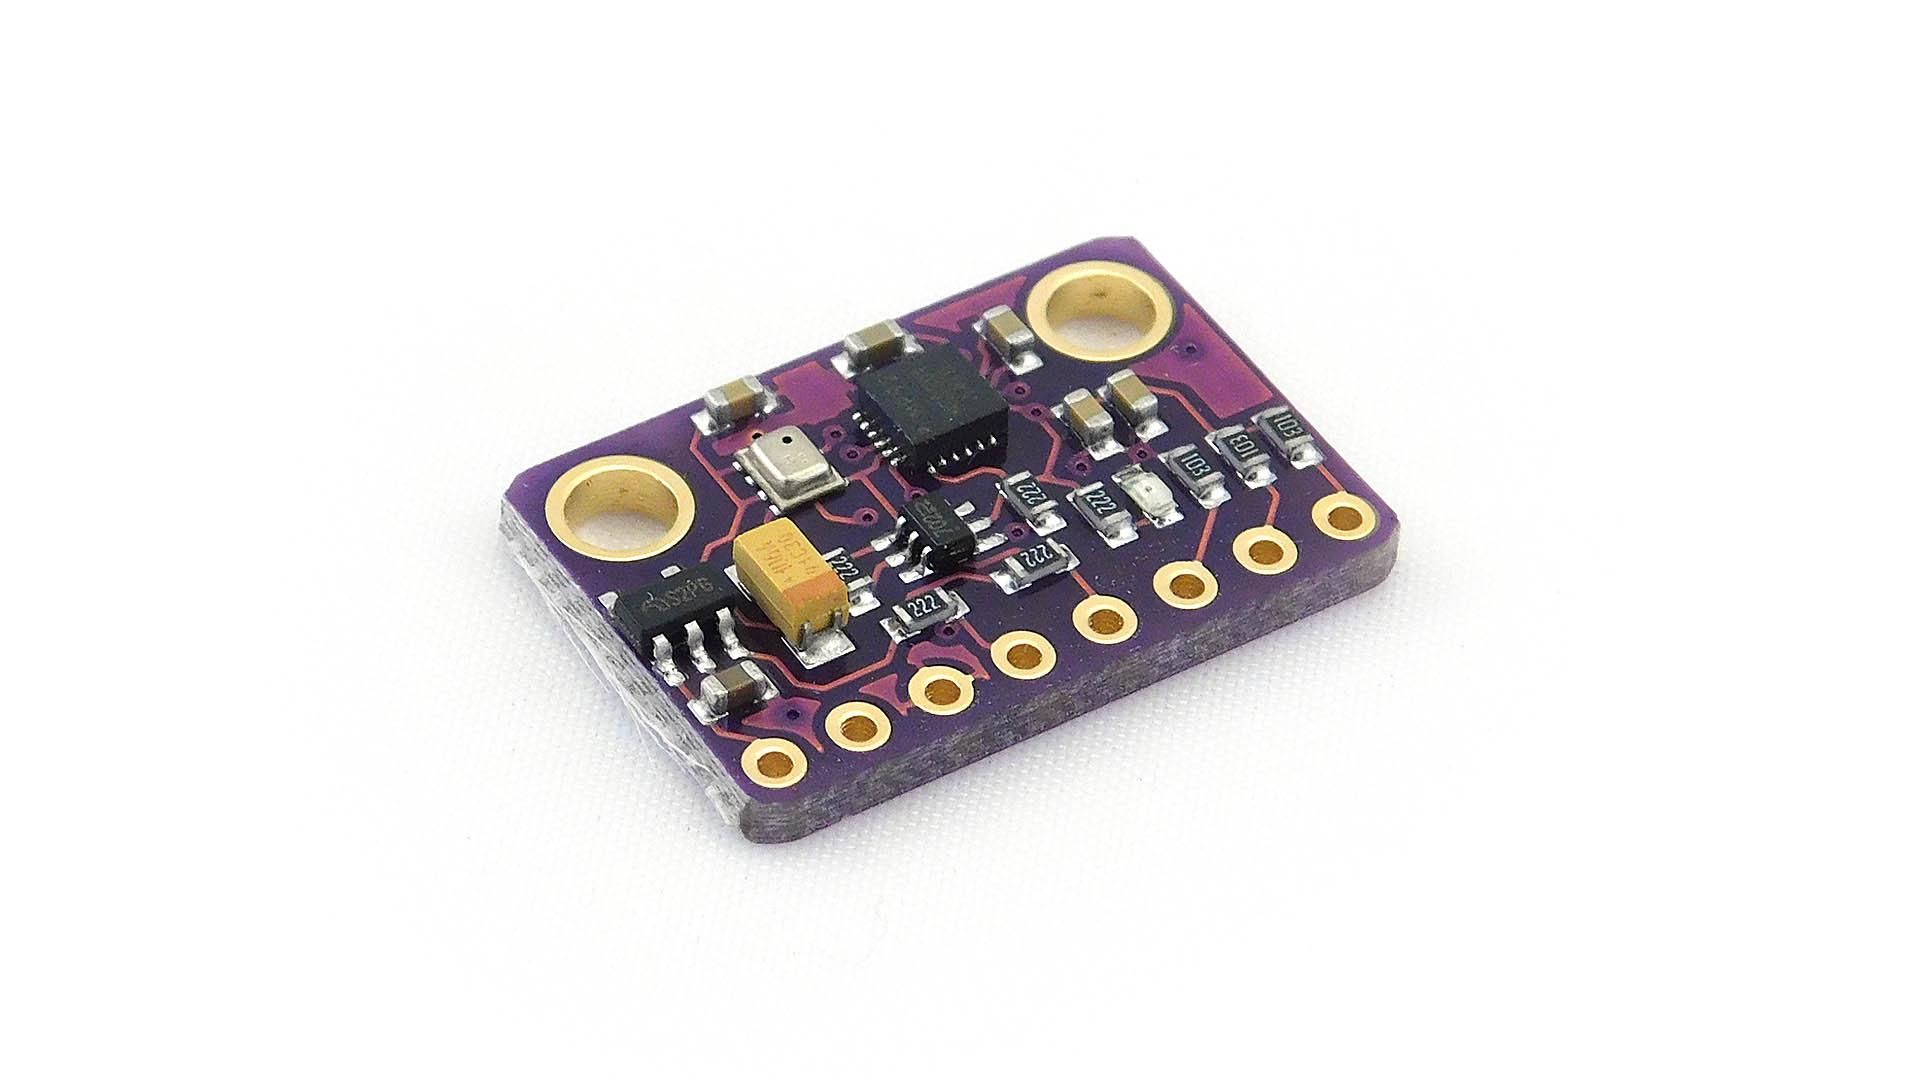 Nettigo: 10 DOF module MPU9250 + BMP280